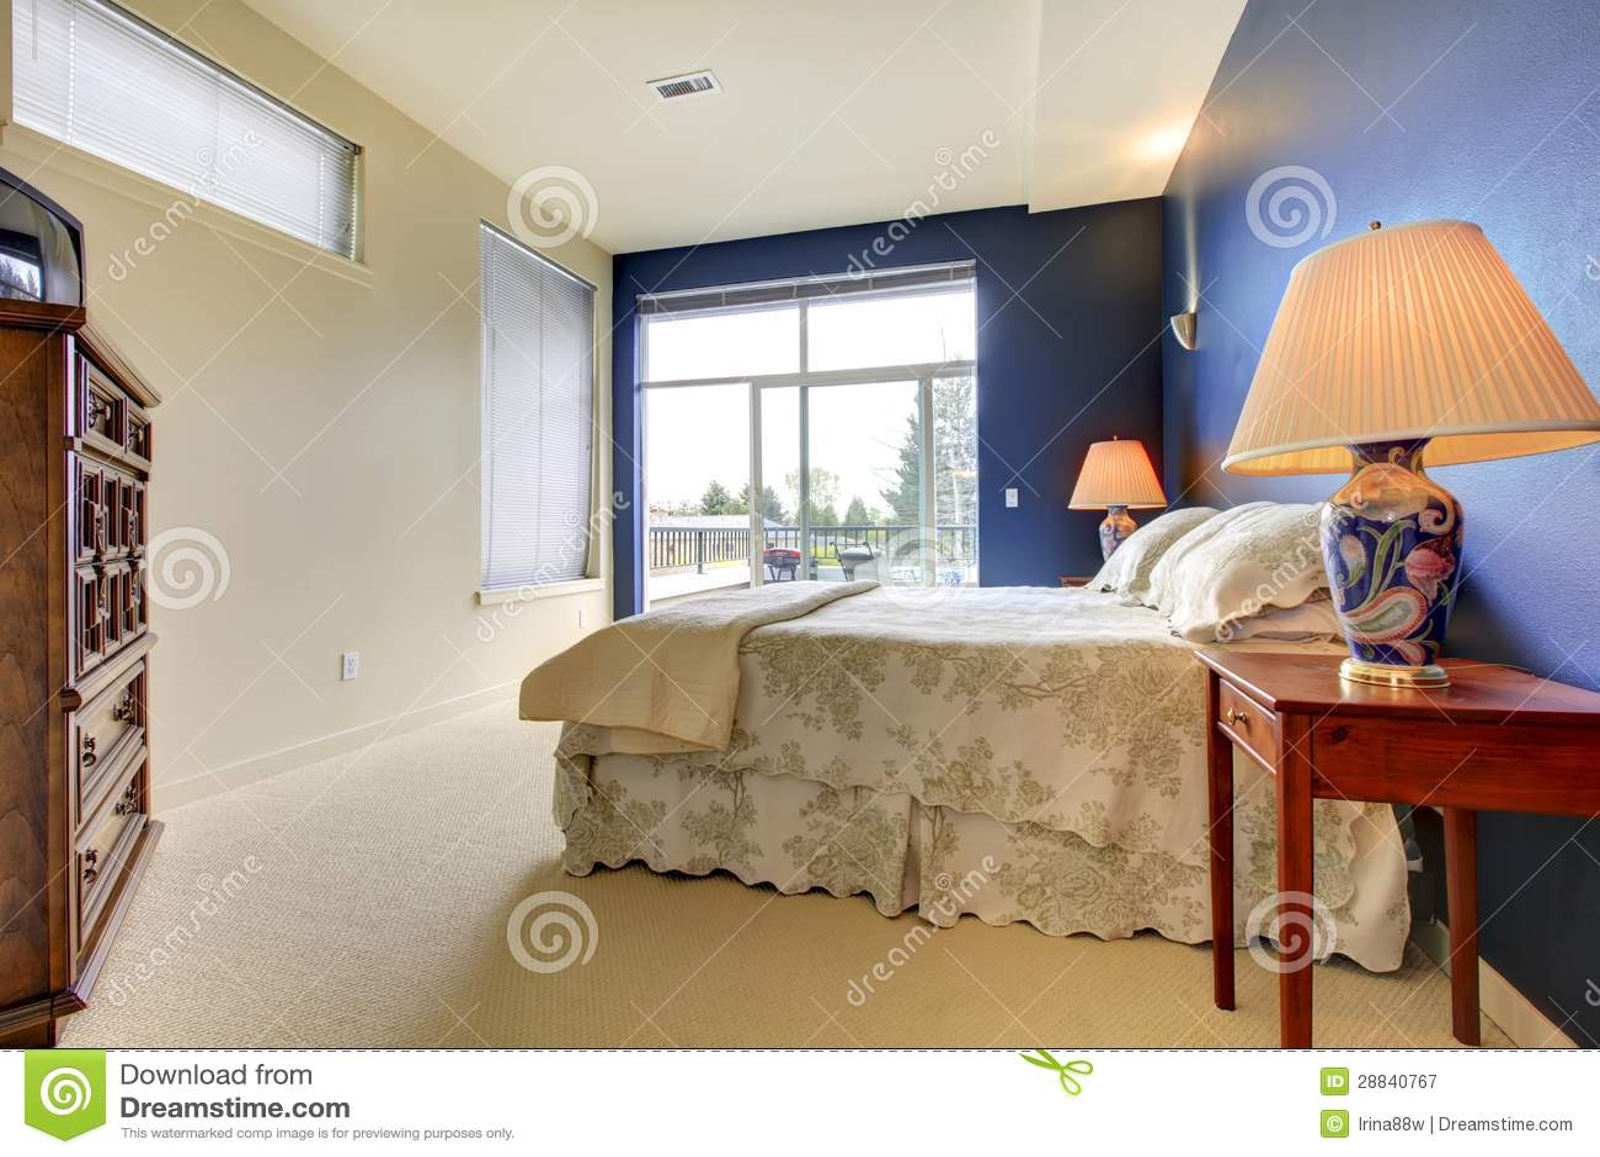 Download Schlafzimmer Mit Blauer Wand Und Asiatischen Lampen. Stockbild    Bild Von Nordwest, Fußboden